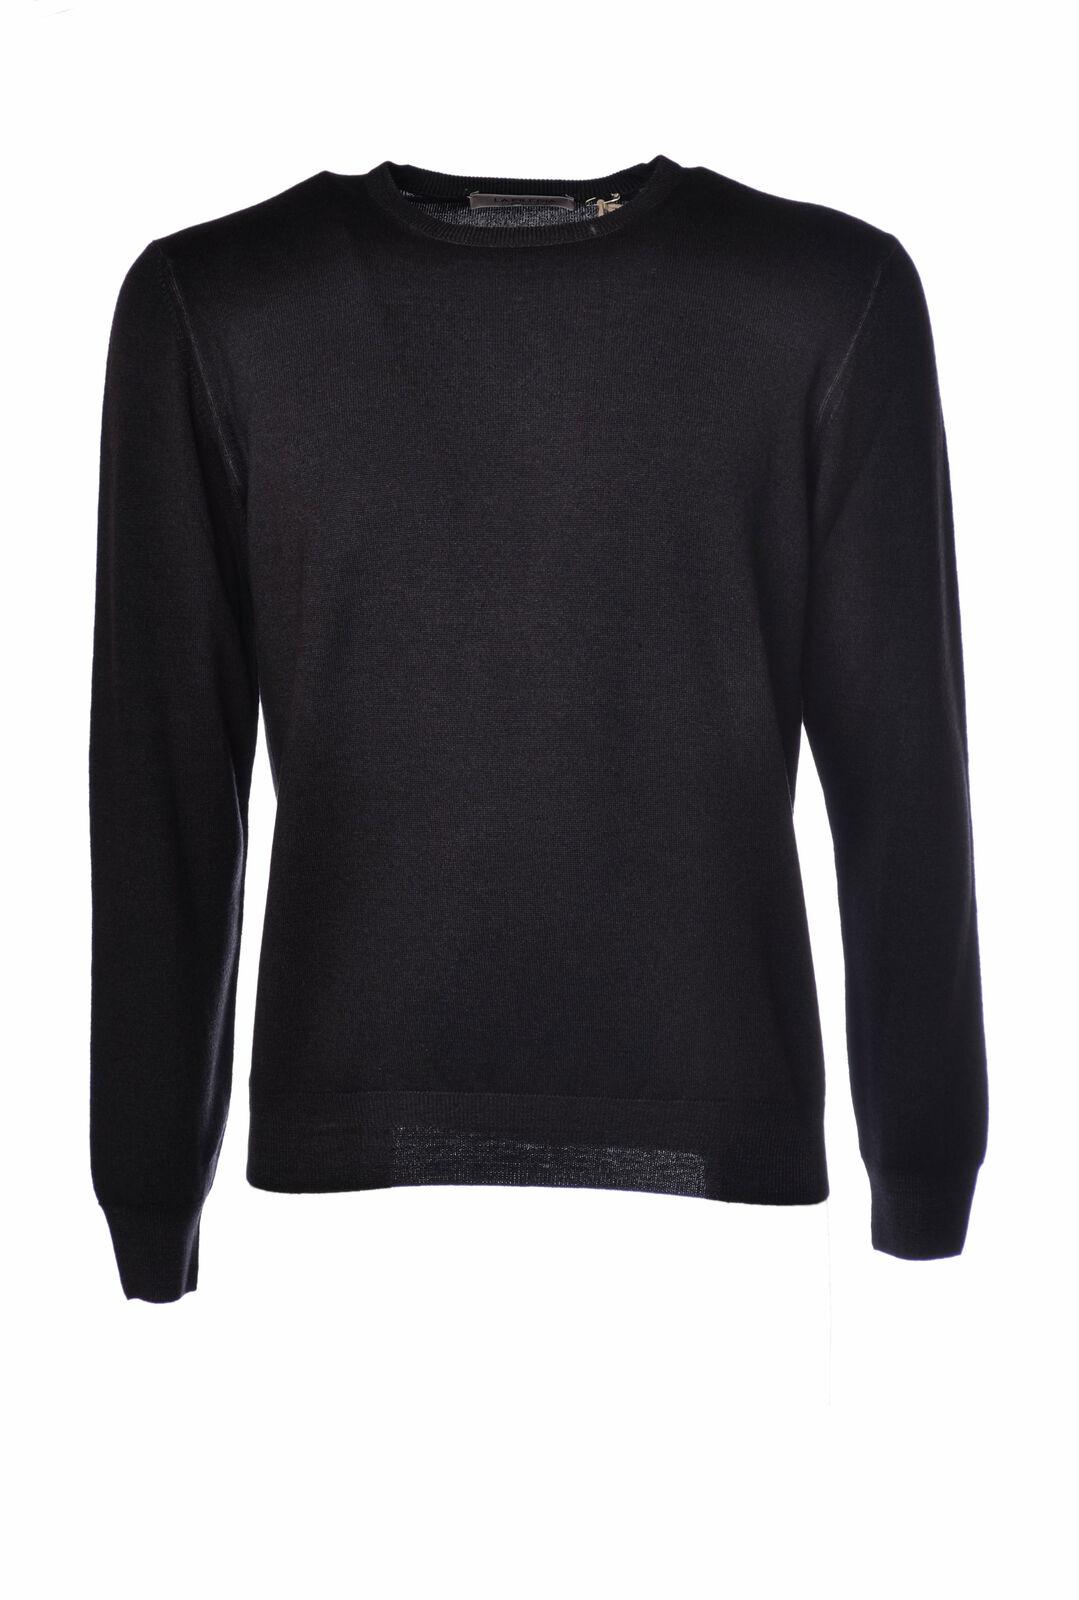 LA FILERIA - Knitwear-Sweaters - Man - Grey - 2615406C192650